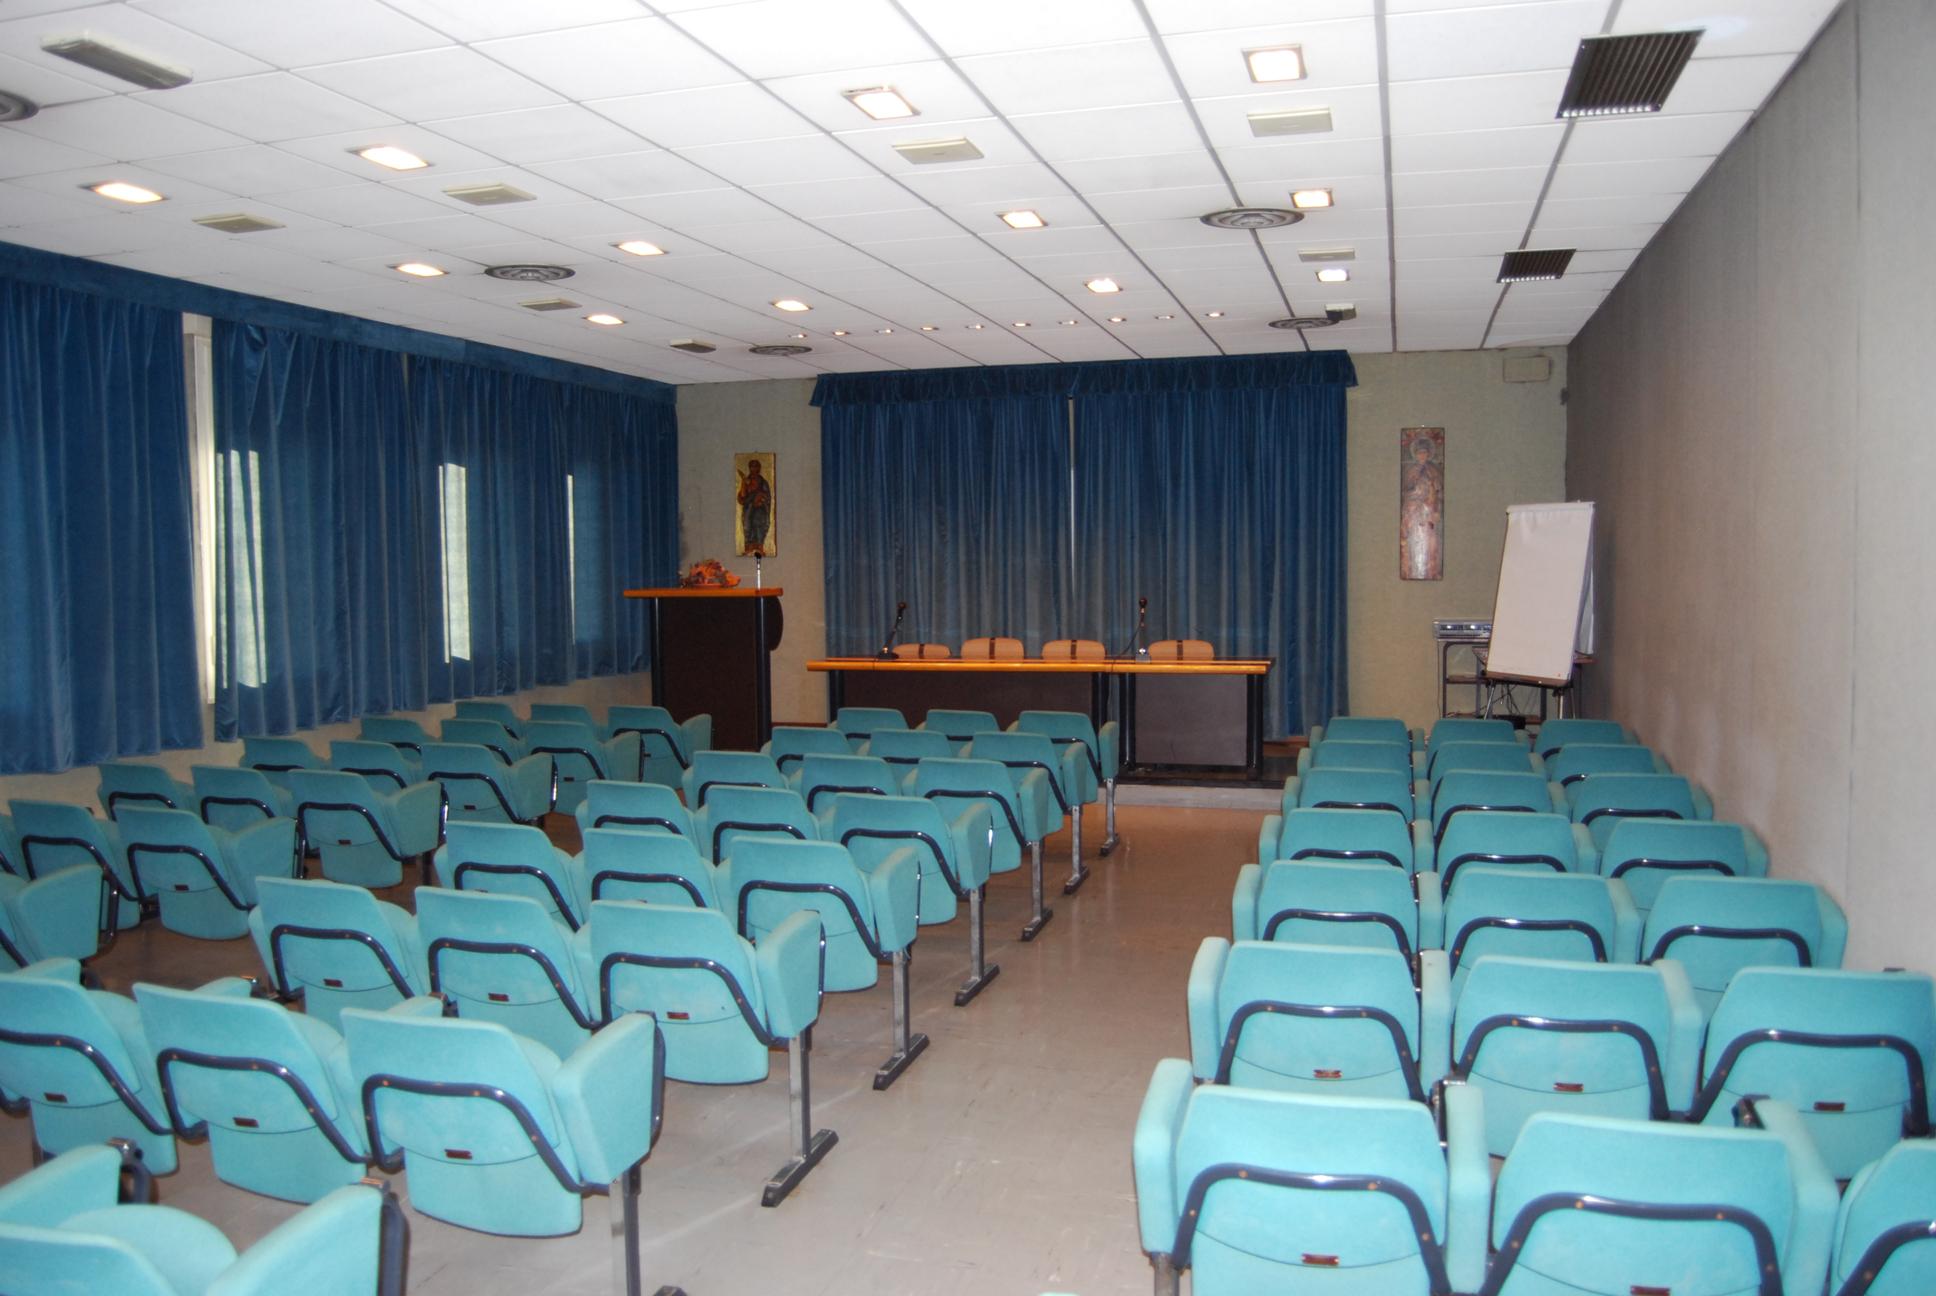 Sala conferenze e aule - Sala insonorizzata ...